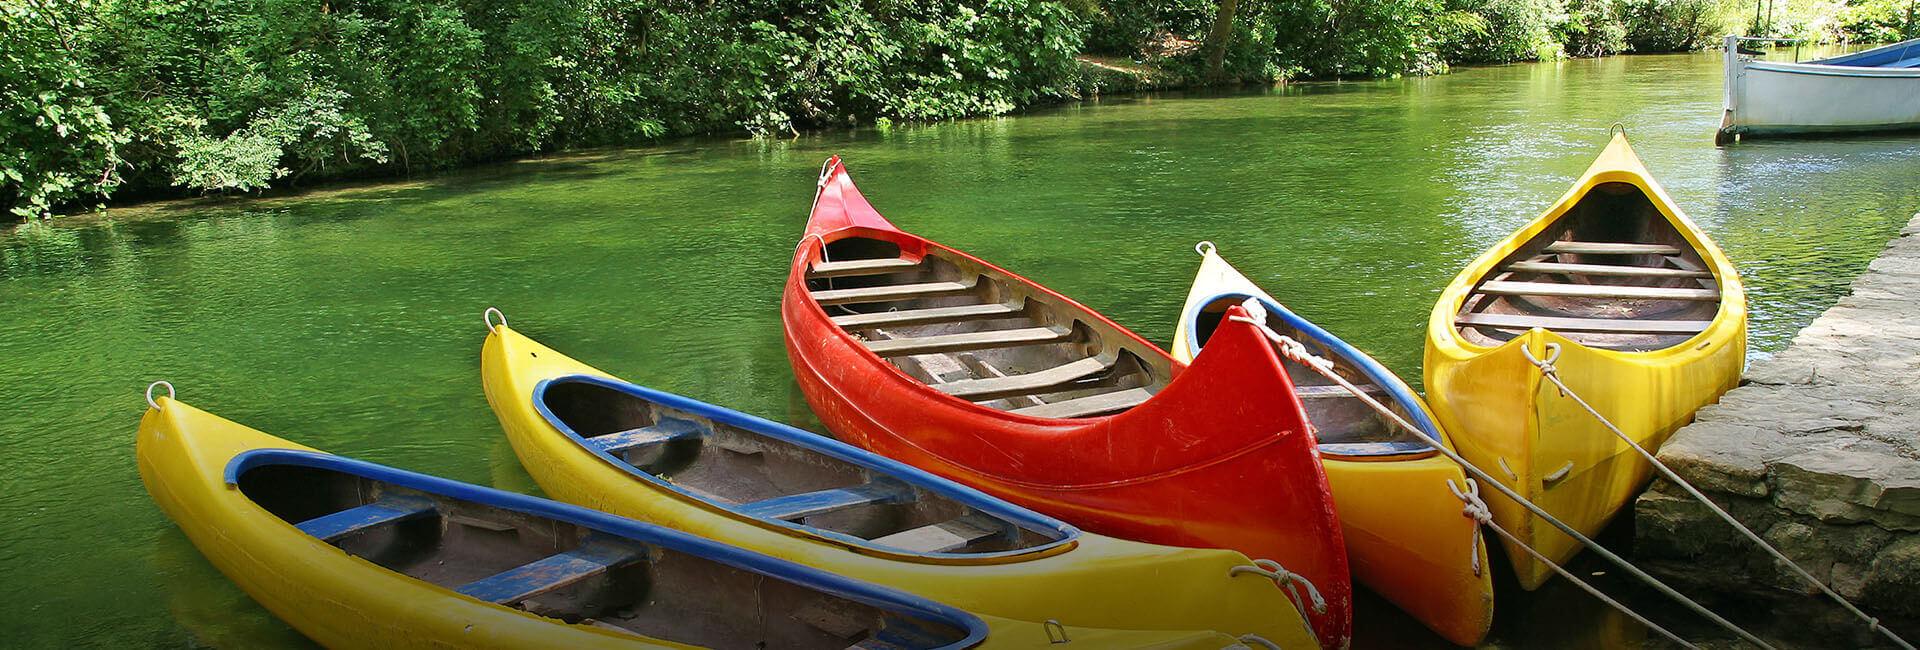 Fall Kayaking Near Me